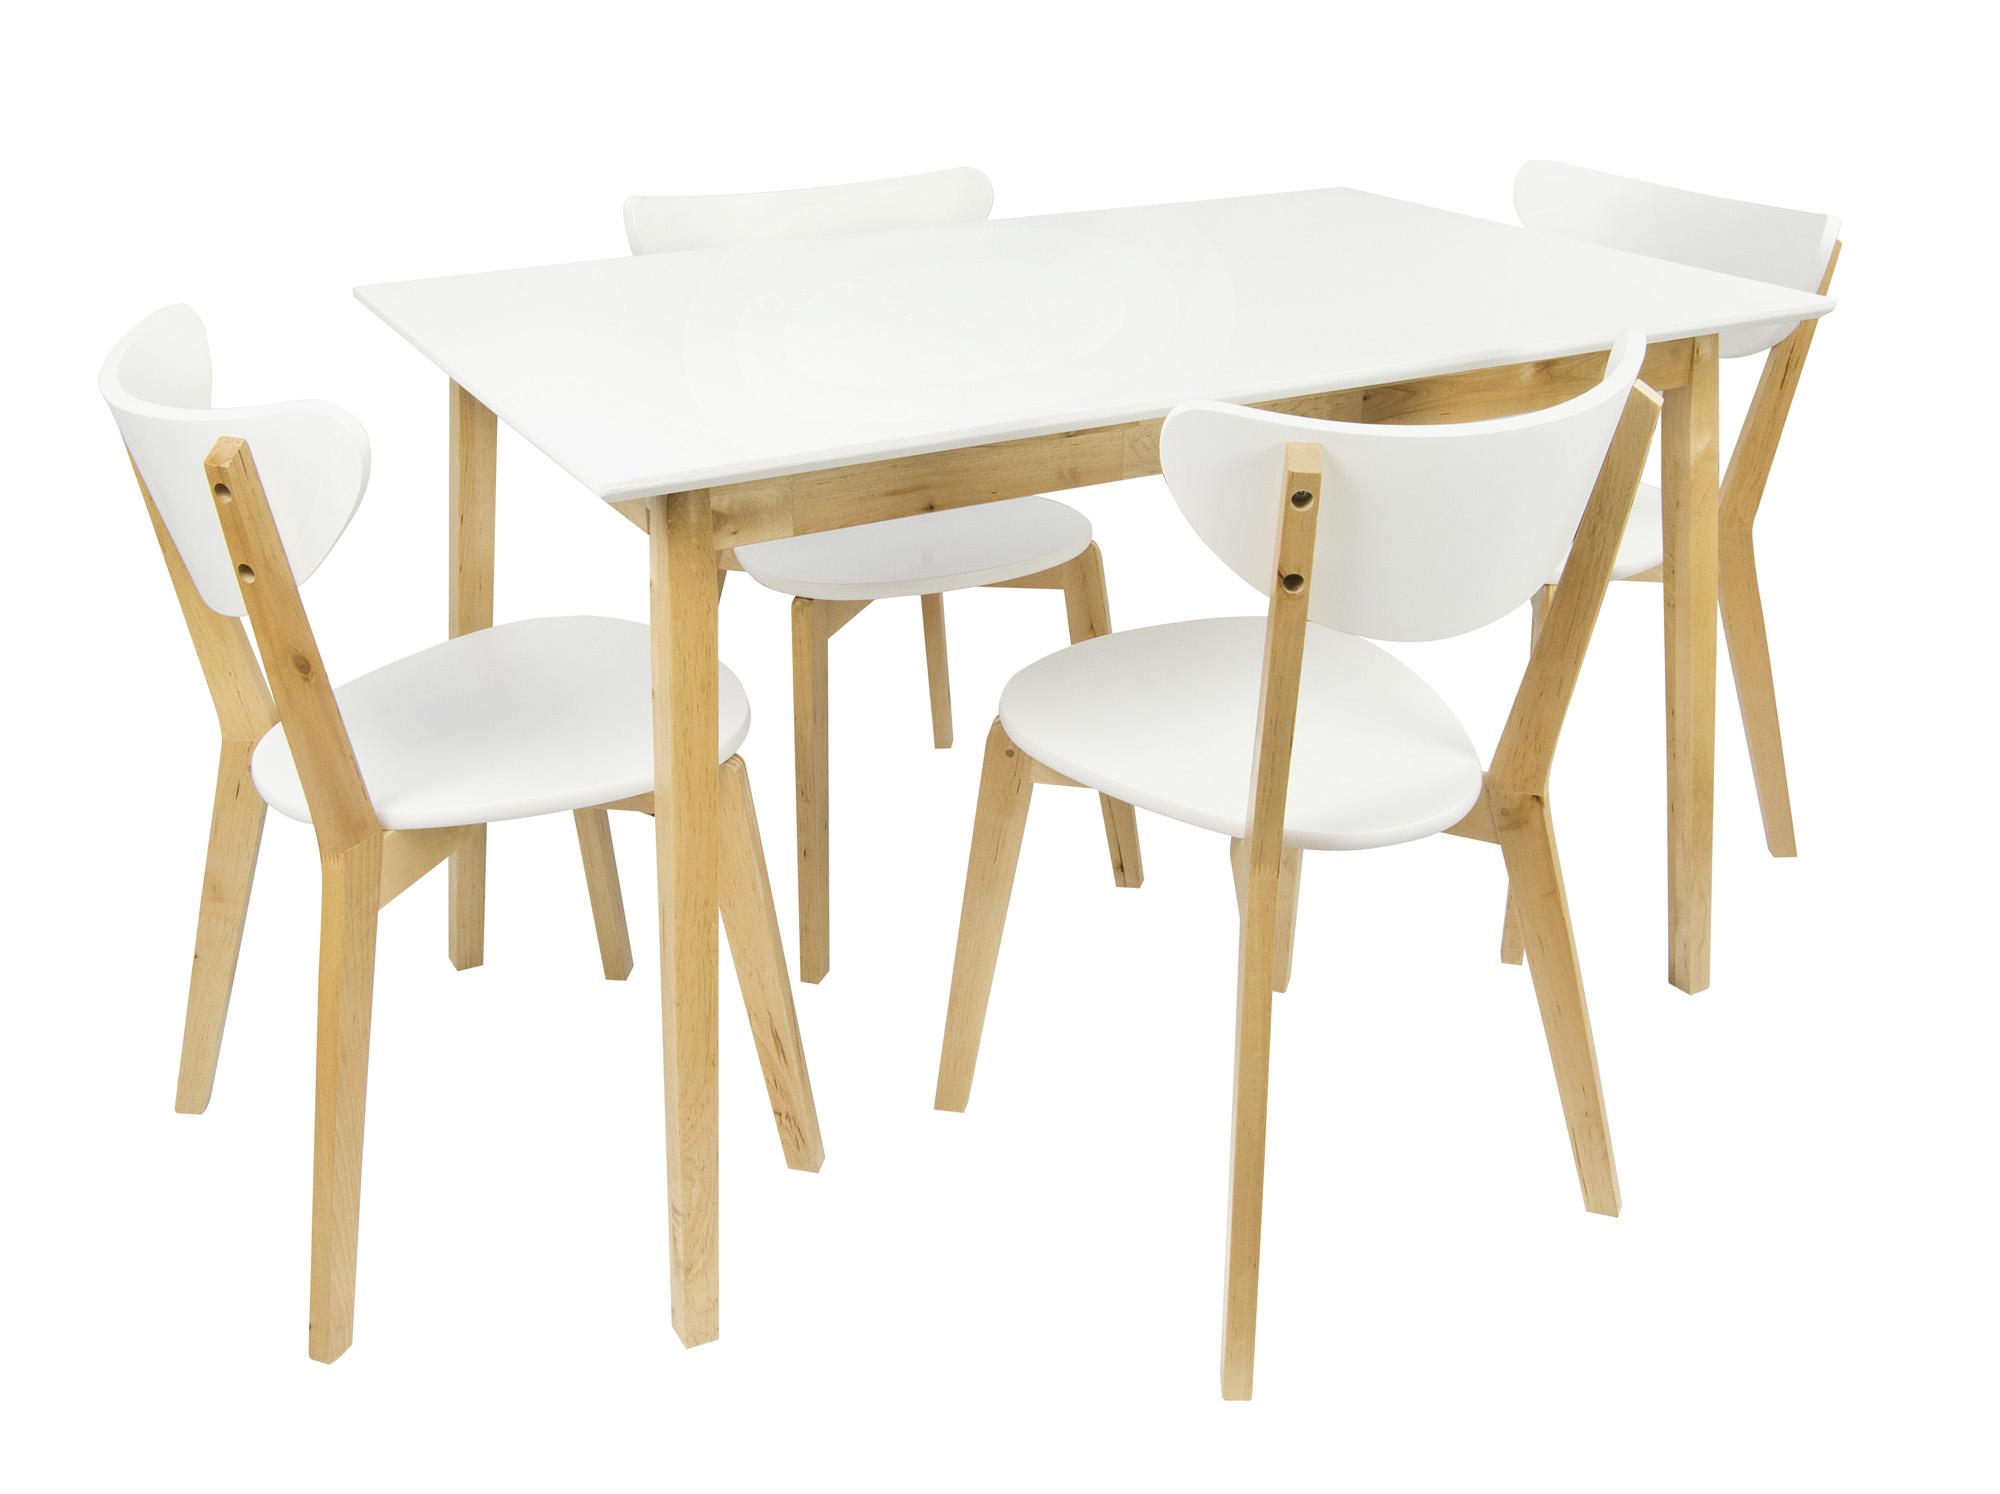 Table En Bois Naturel - Table en bois avec 4 chaises Naturel table a manger Leomark FR